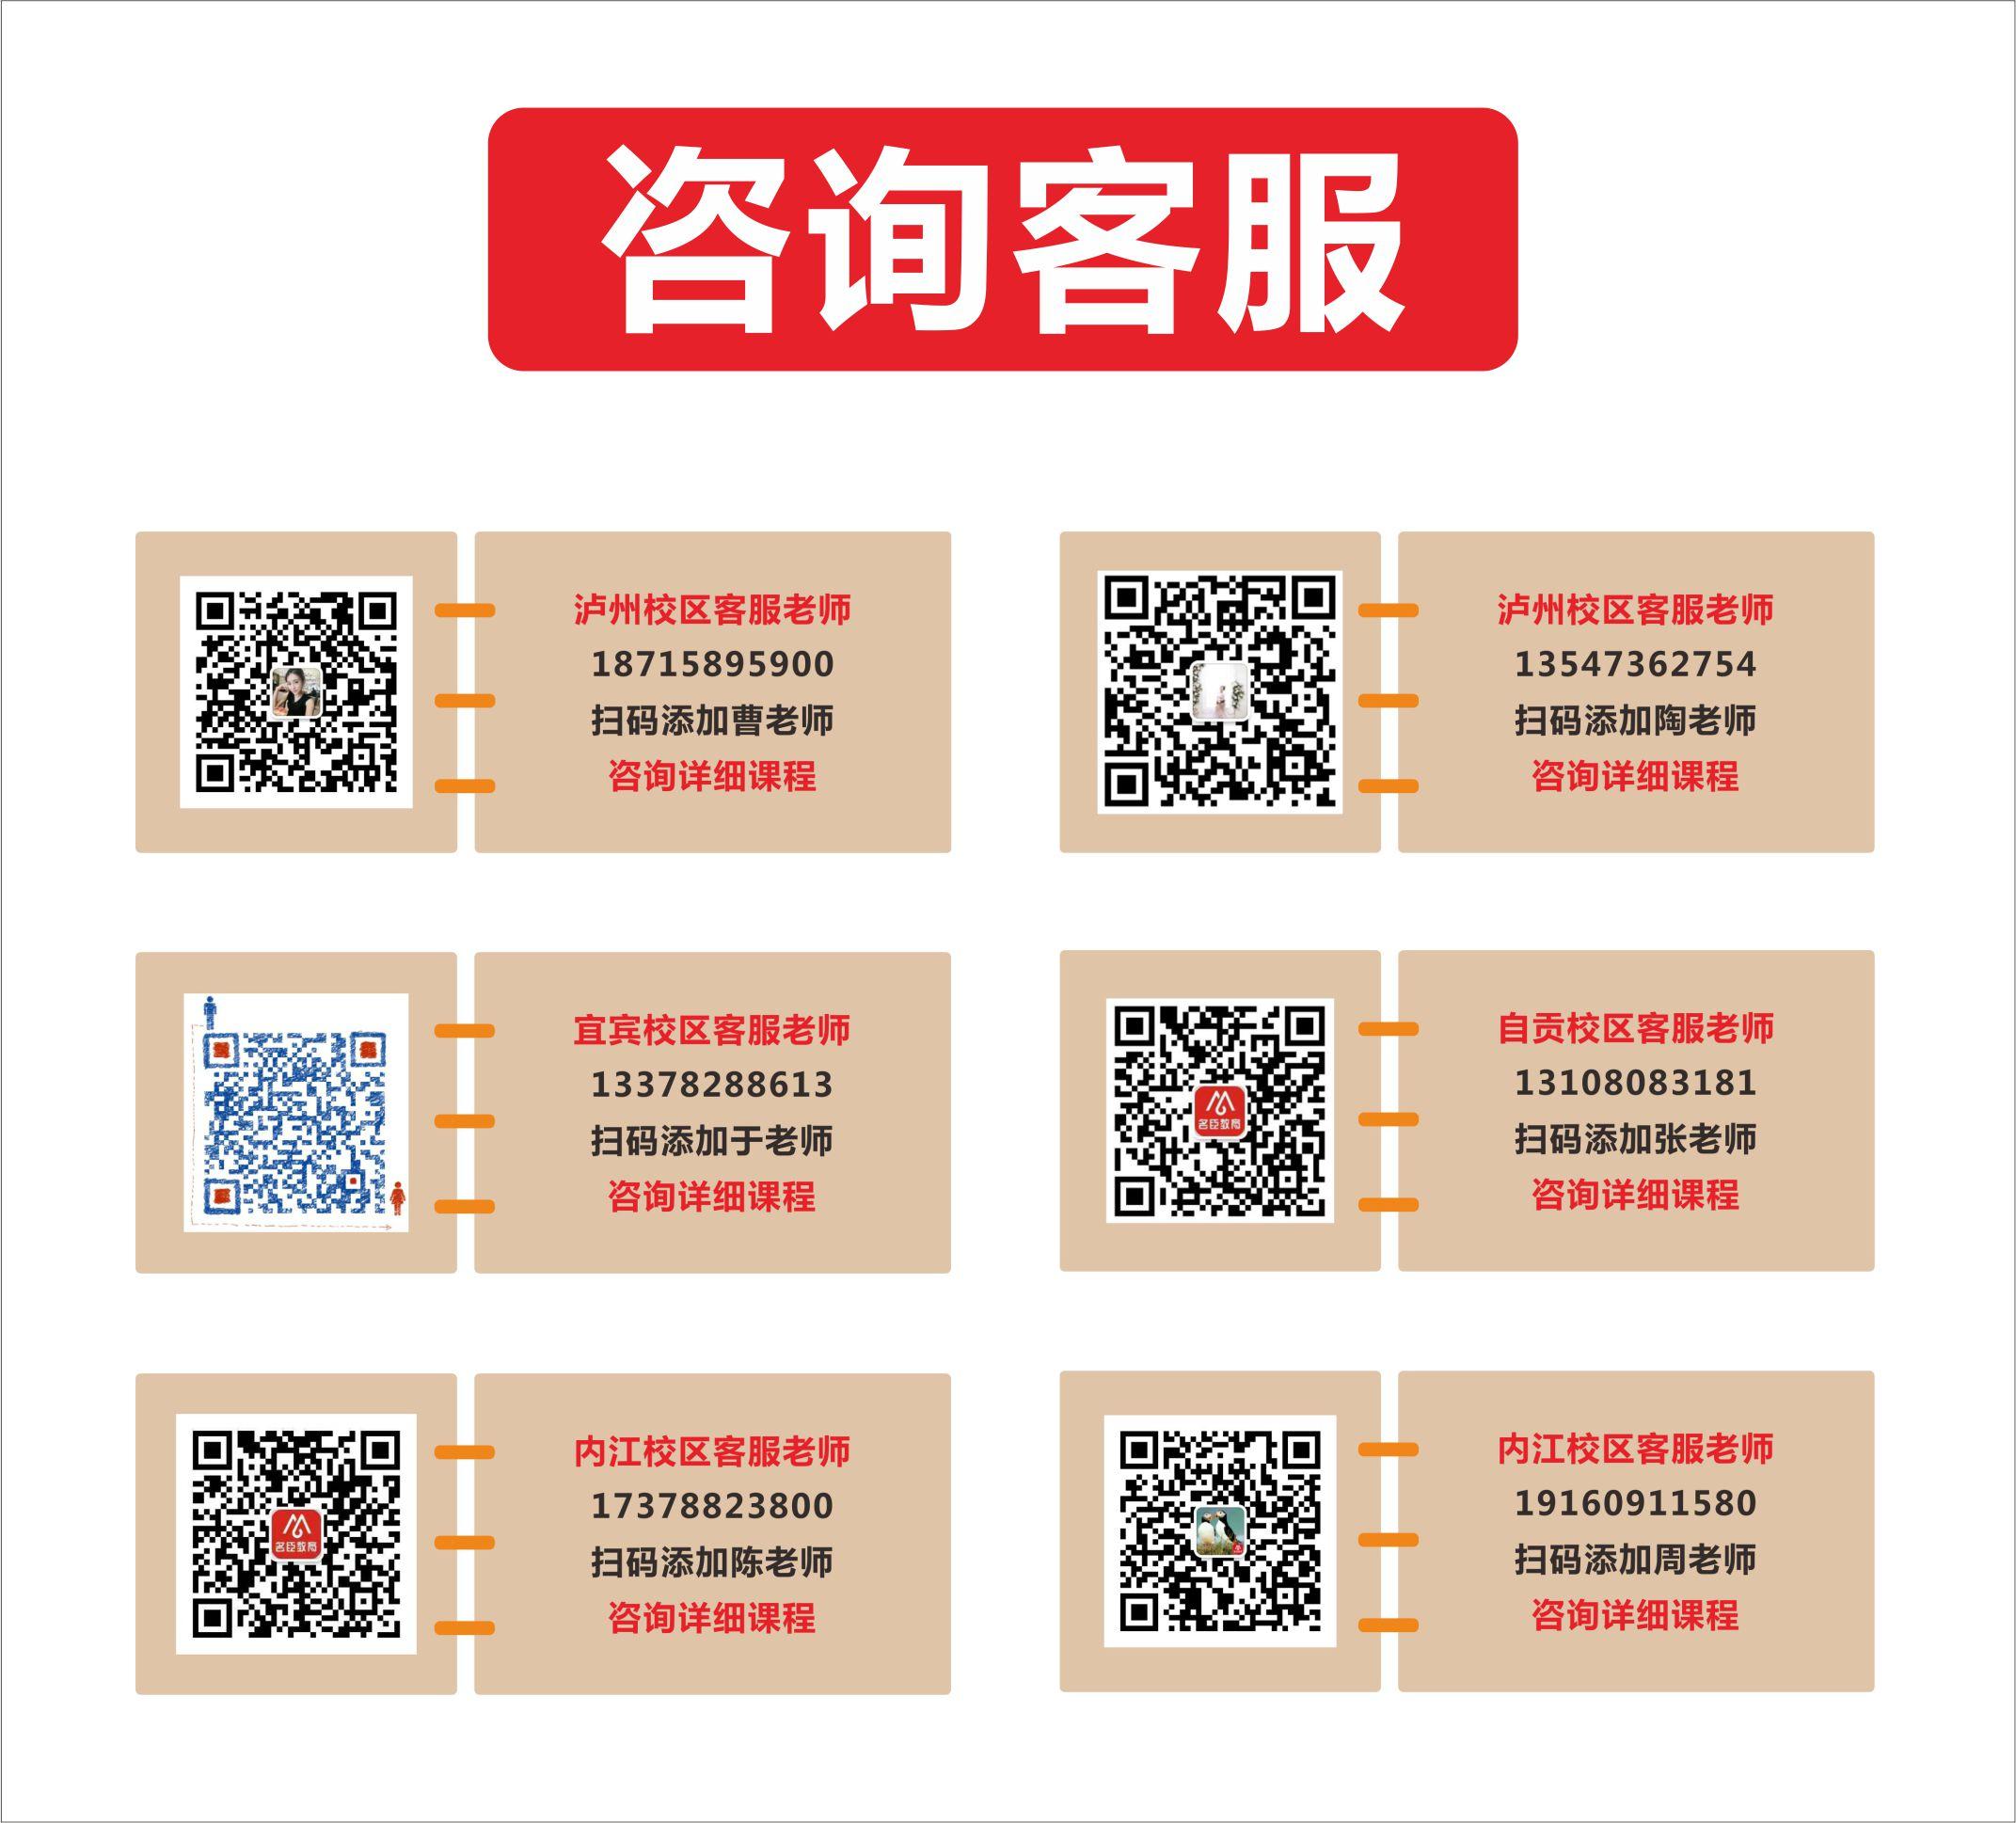 面试名师杜飞解析2020年9月17日四川公务员面试真题(图4)